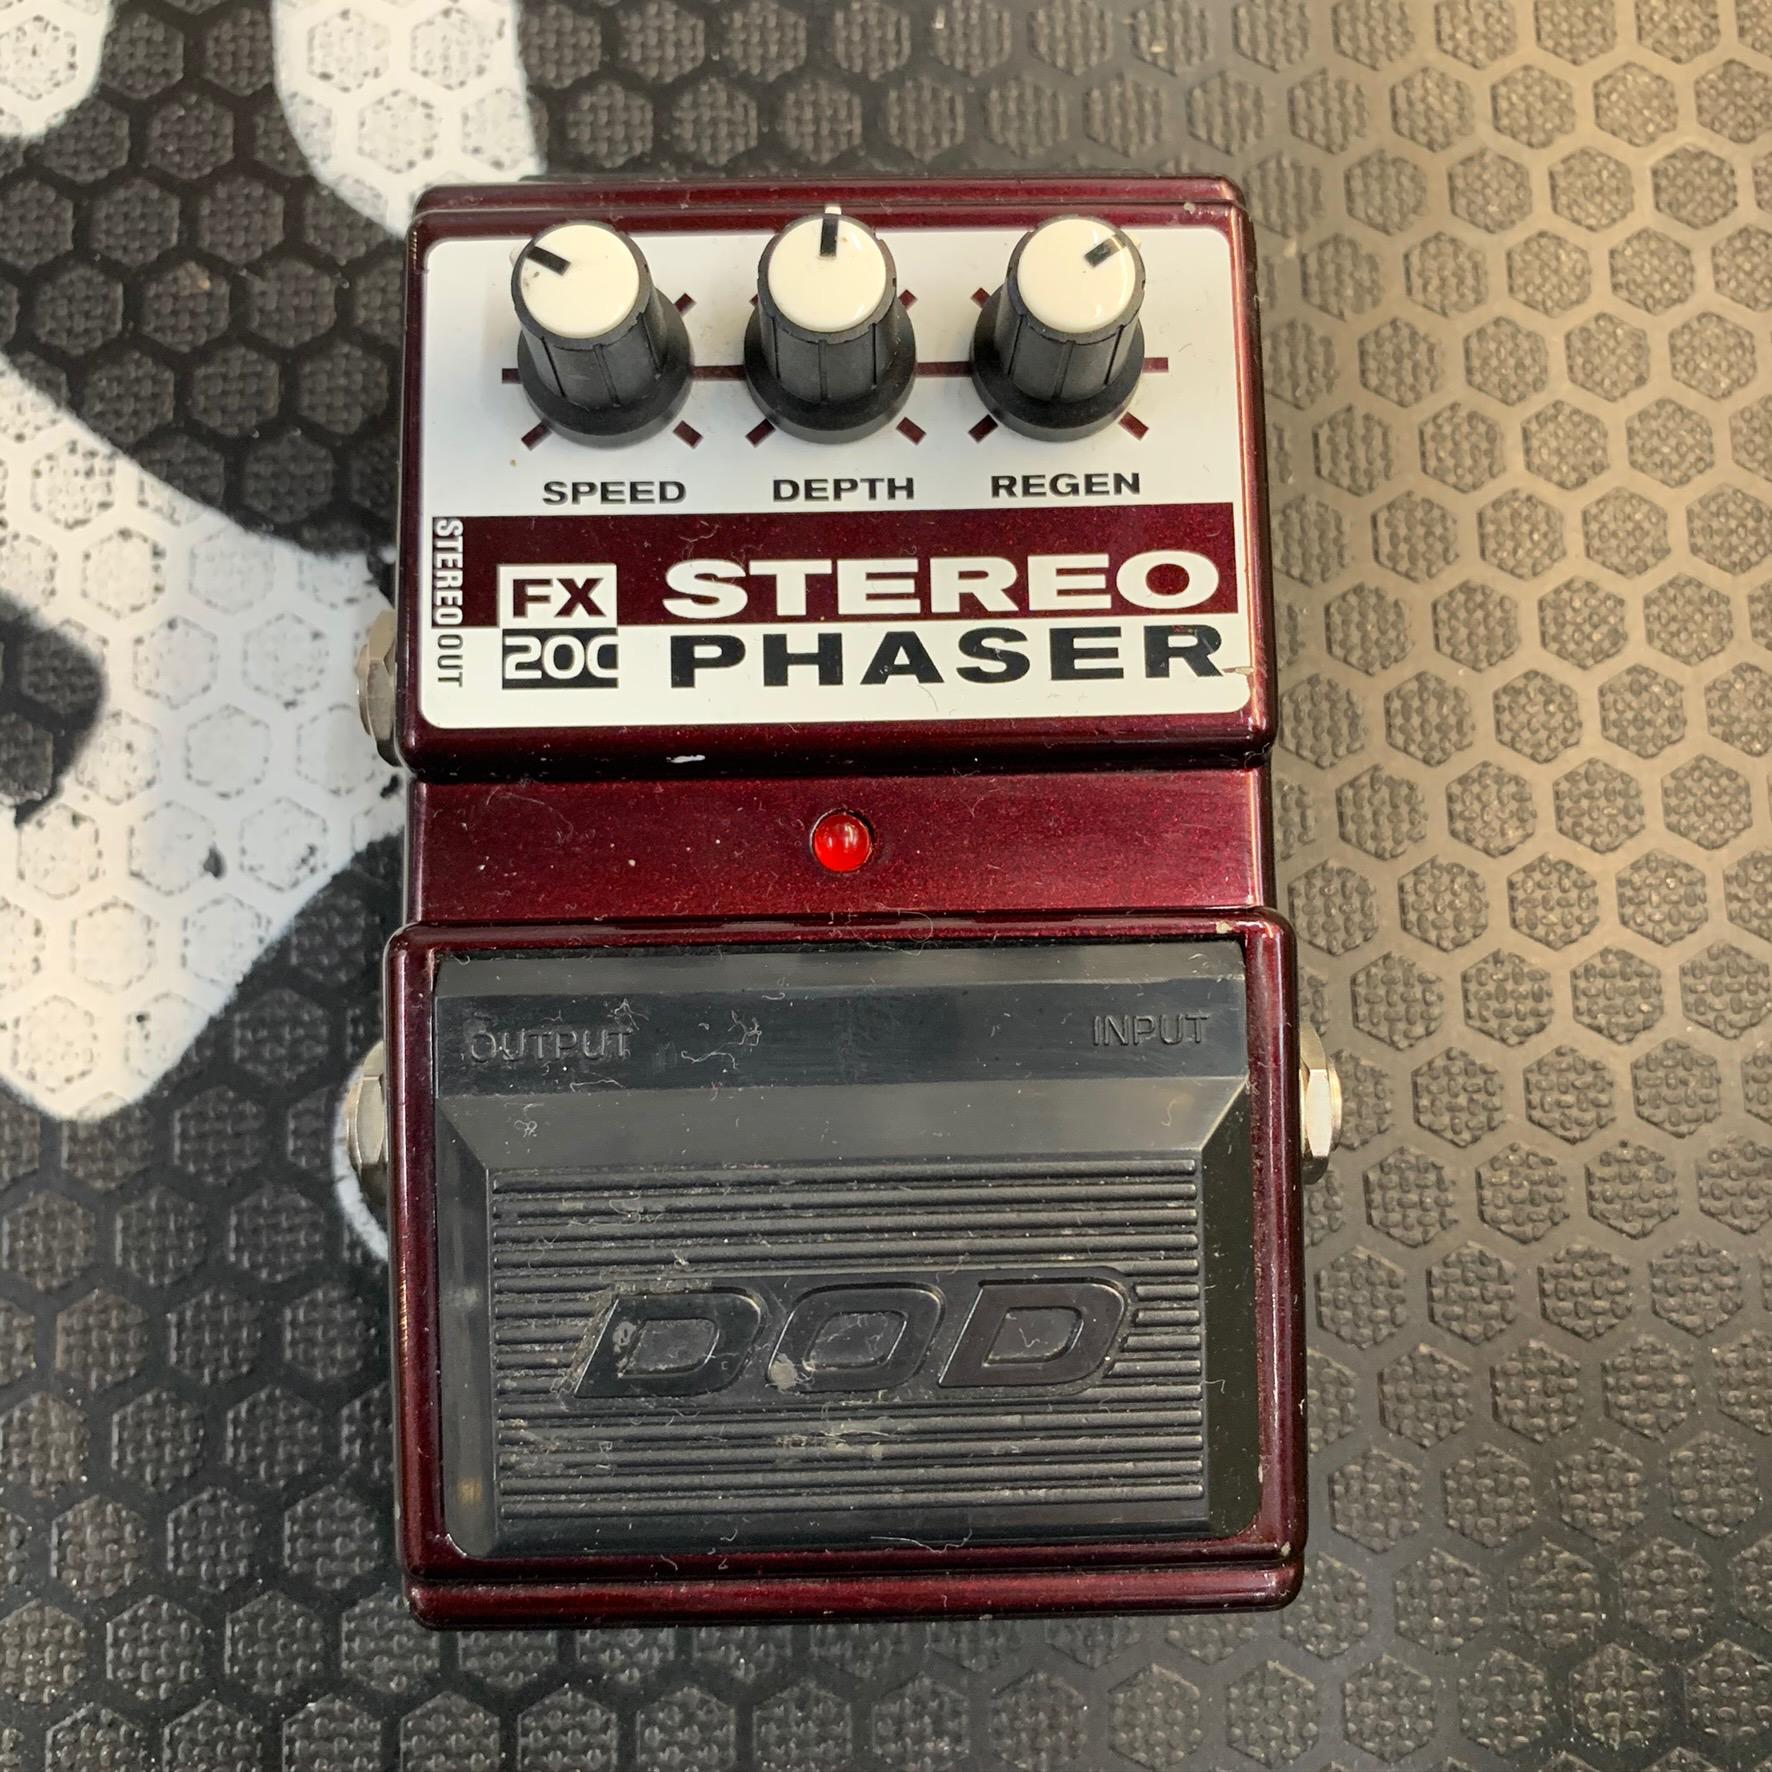 DOD Stereo Phaser FX200 (boxed)